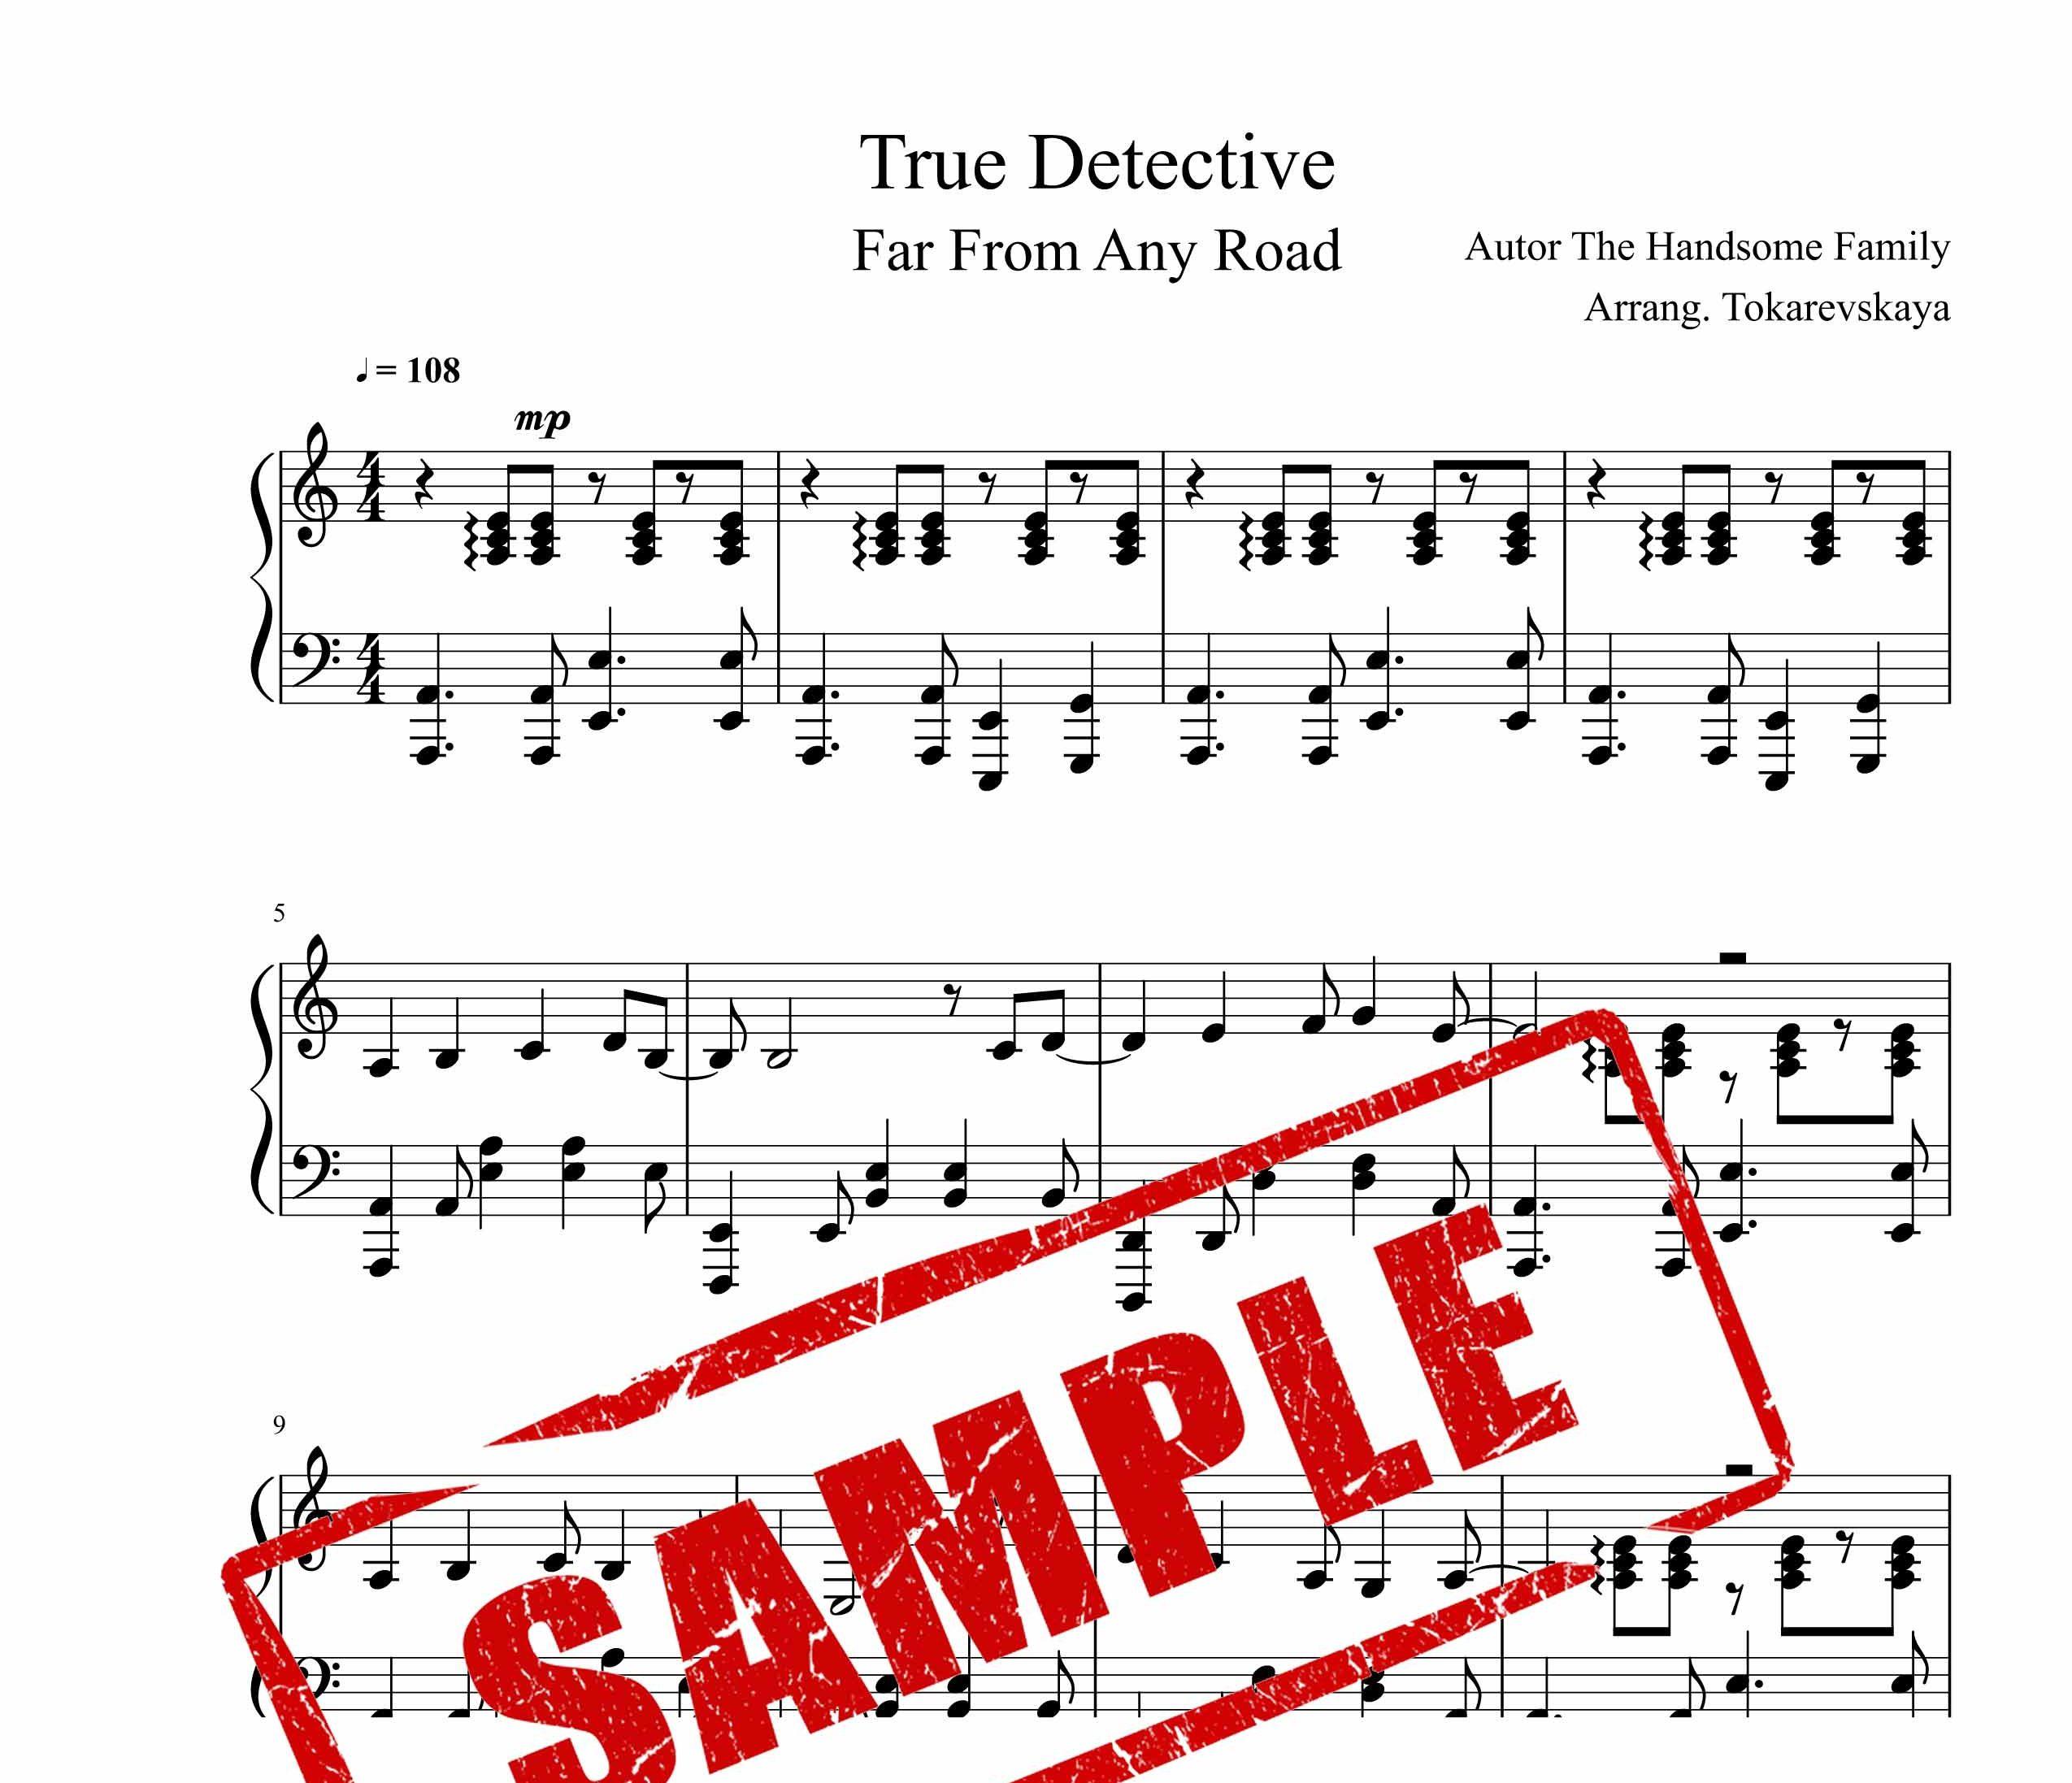 نت آهنگ سریال کارگاه حقیقی برای پیانو